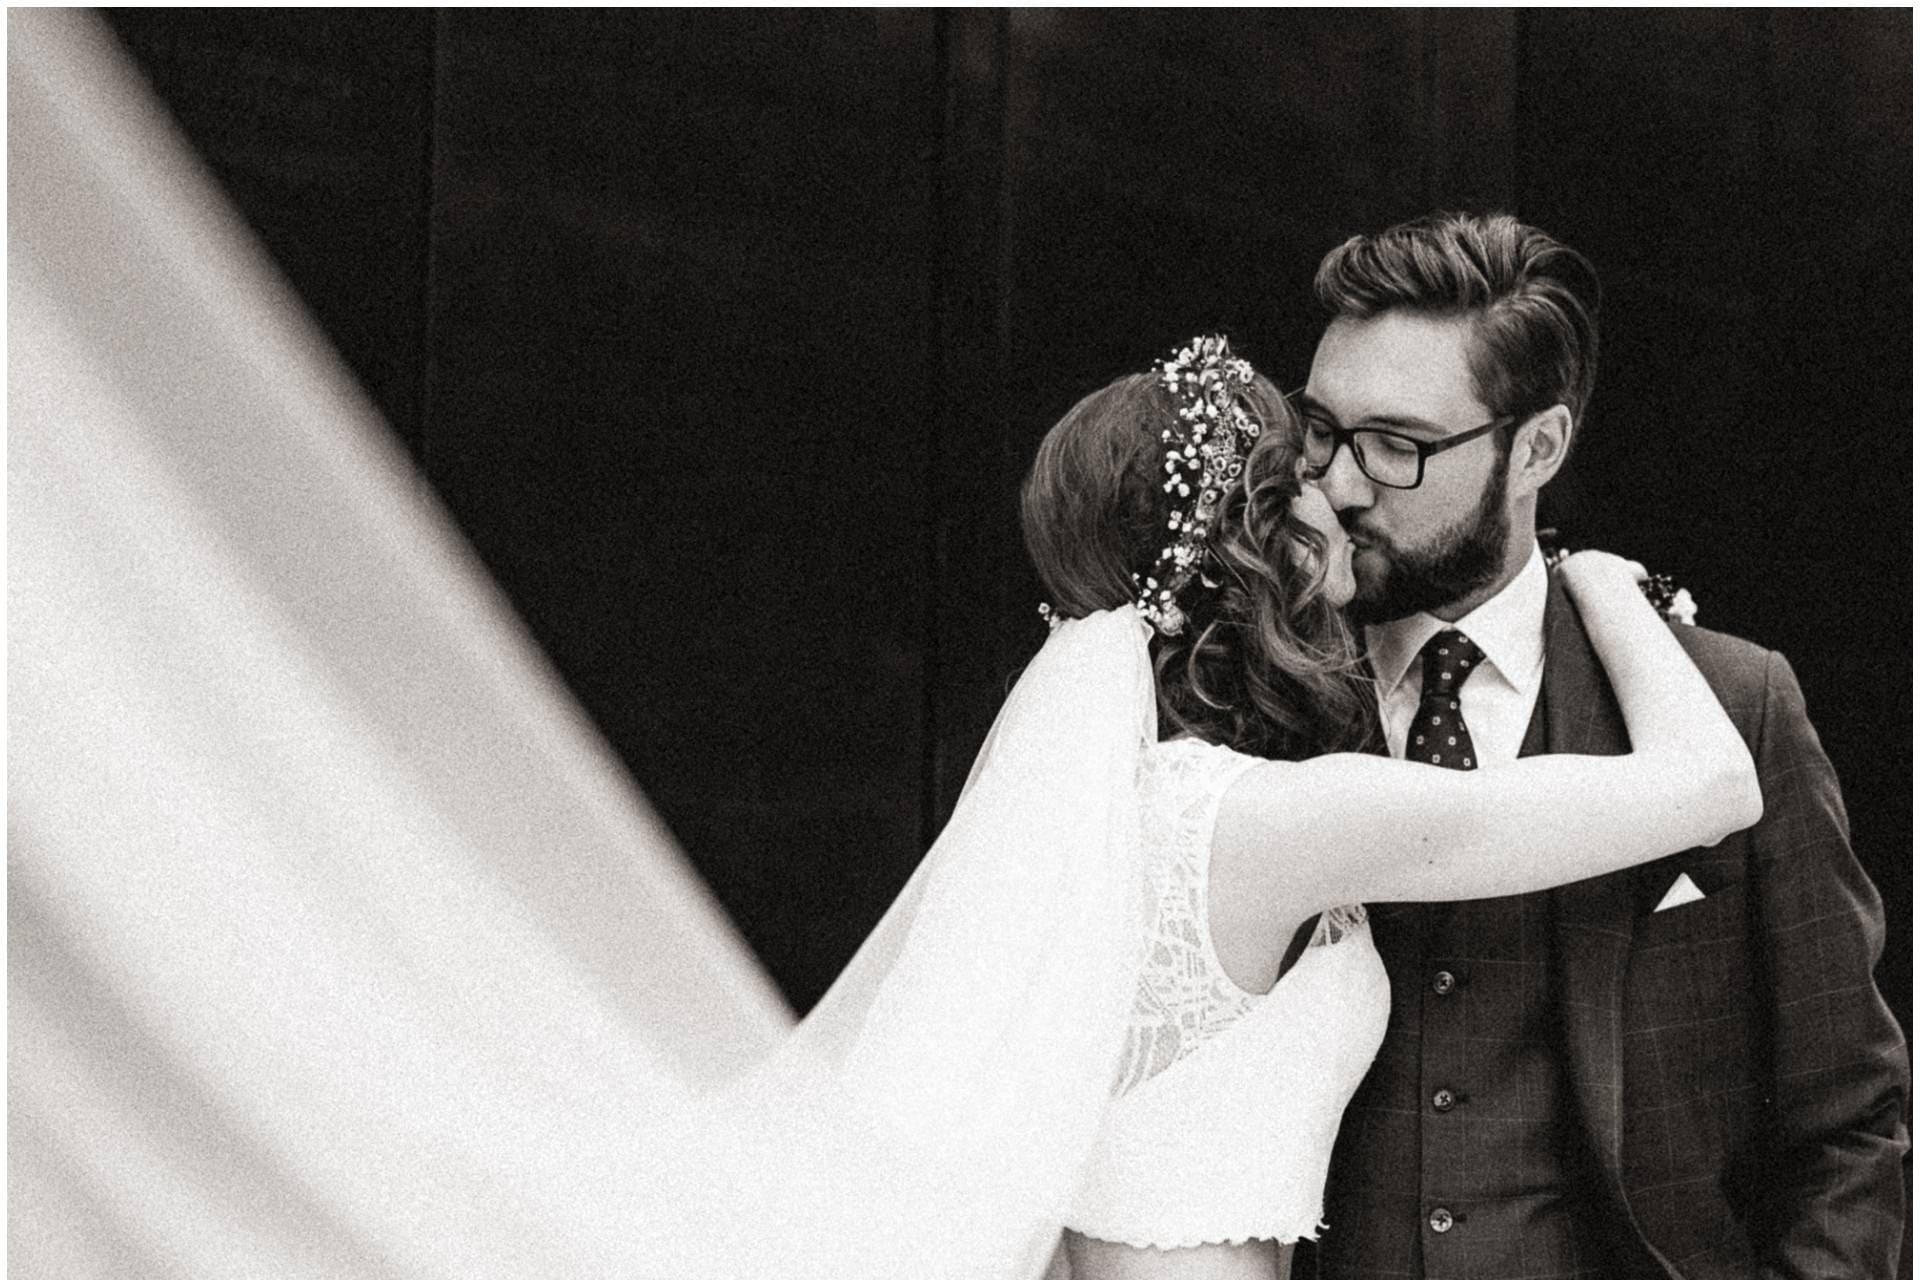 Hochzeitsfotograf Lübeck, Bad Schwartau, Stockelsdorf, Hochzeitsfotos, Hochzeitsbilder von Karoline & Thomas, Hochzeitsfotografie in Schleswig-Holstein